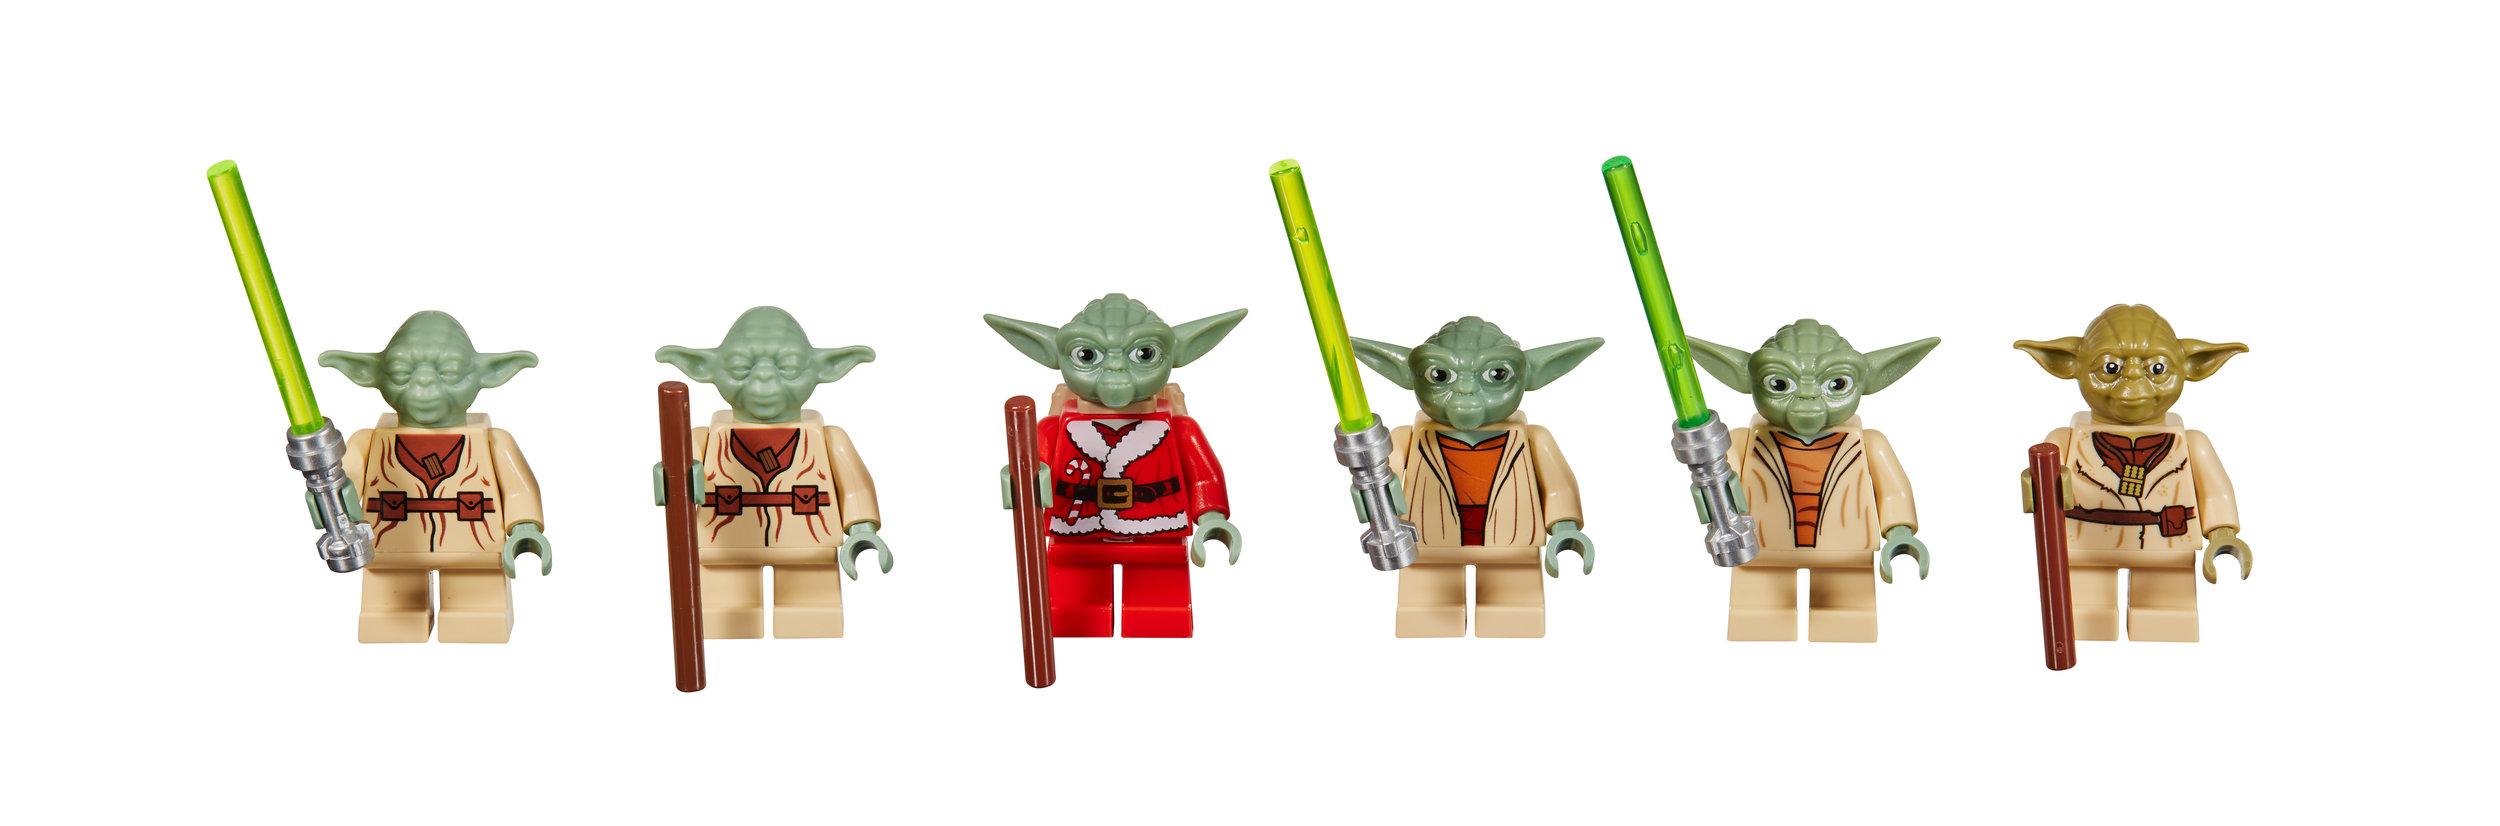 LEGO_Idea_House_Archive_7103_4502_7958_7964_75002_75208_Yoda_2002-2018.jpg